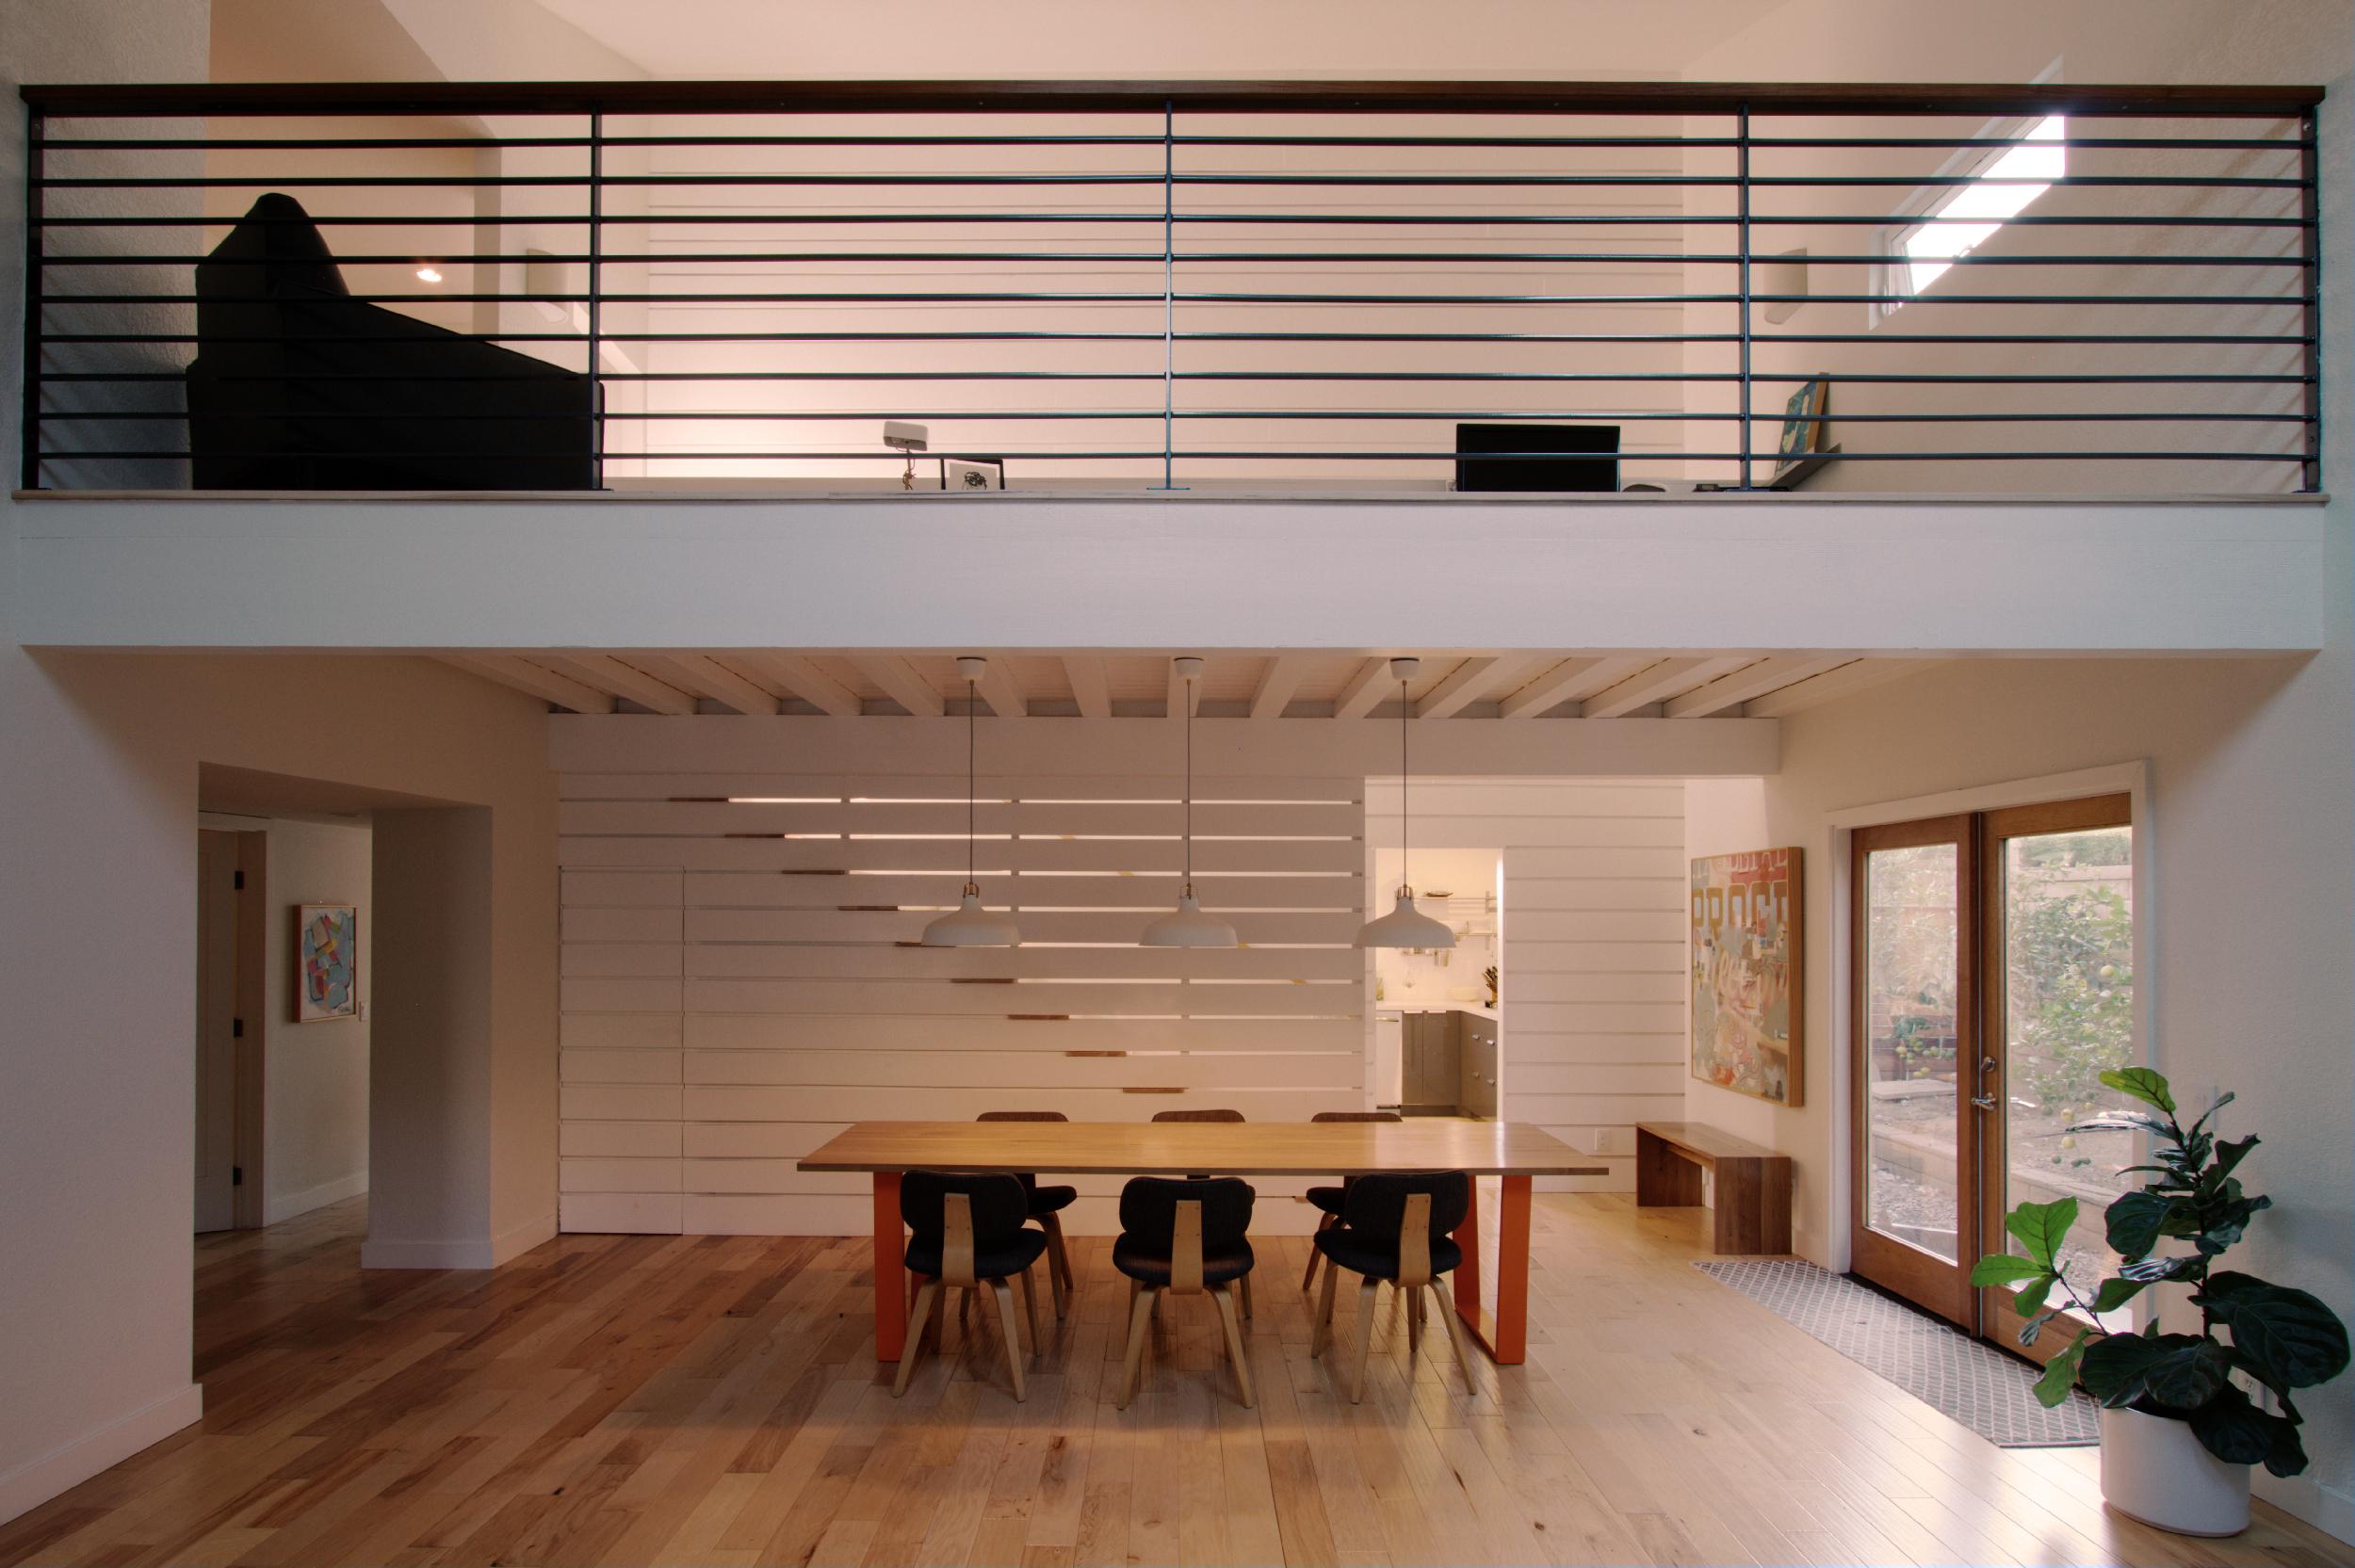 LOFT & DINING ROOM